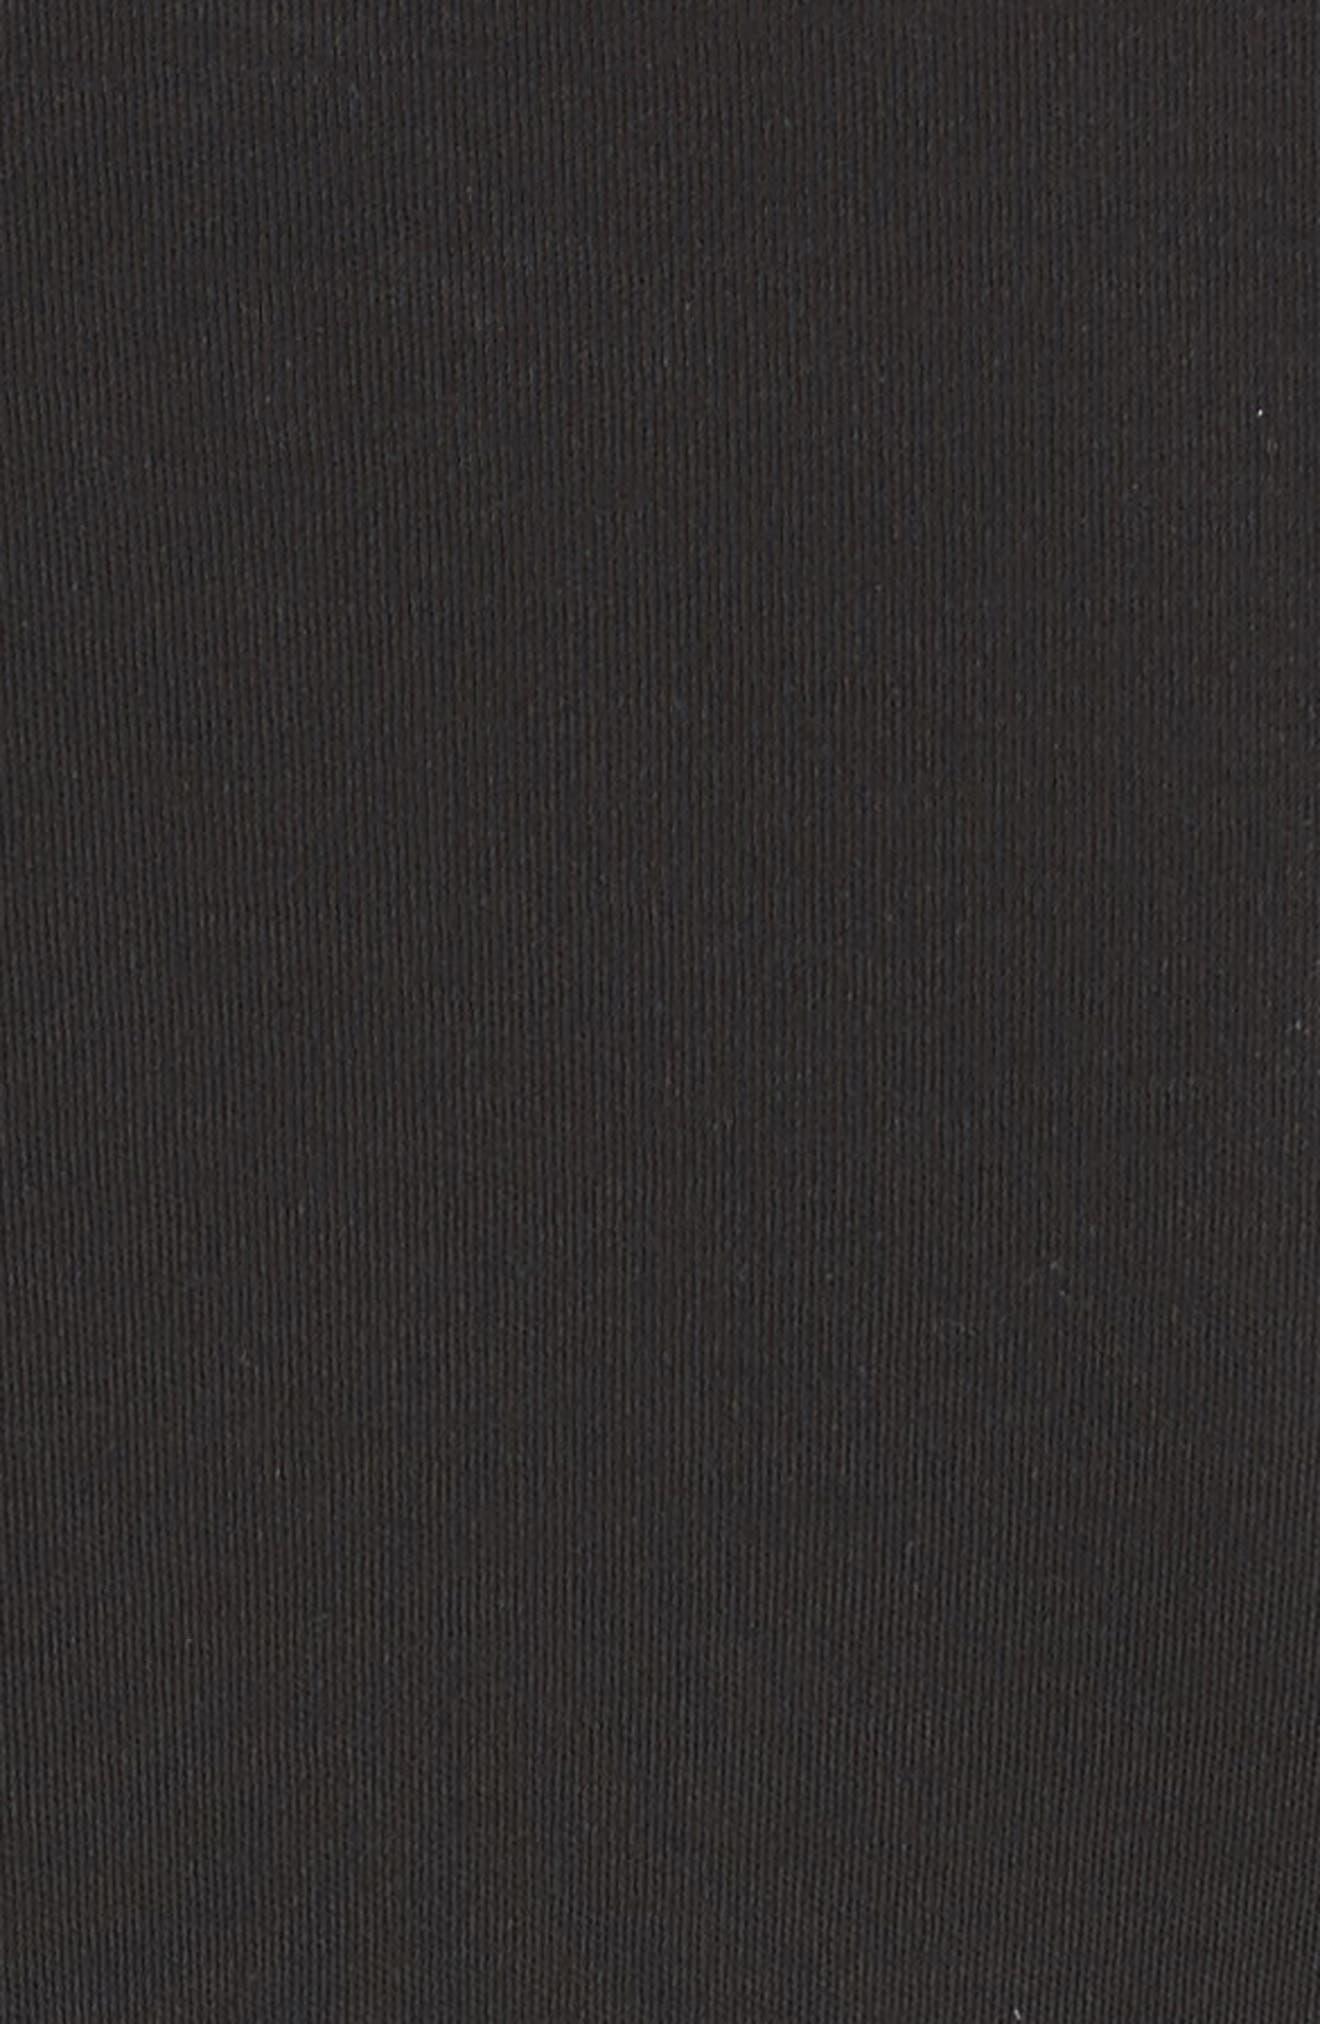 Dorotea K Tie Front Cotton Interlock Dress,                             Alternate thumbnail 5, color,                             001